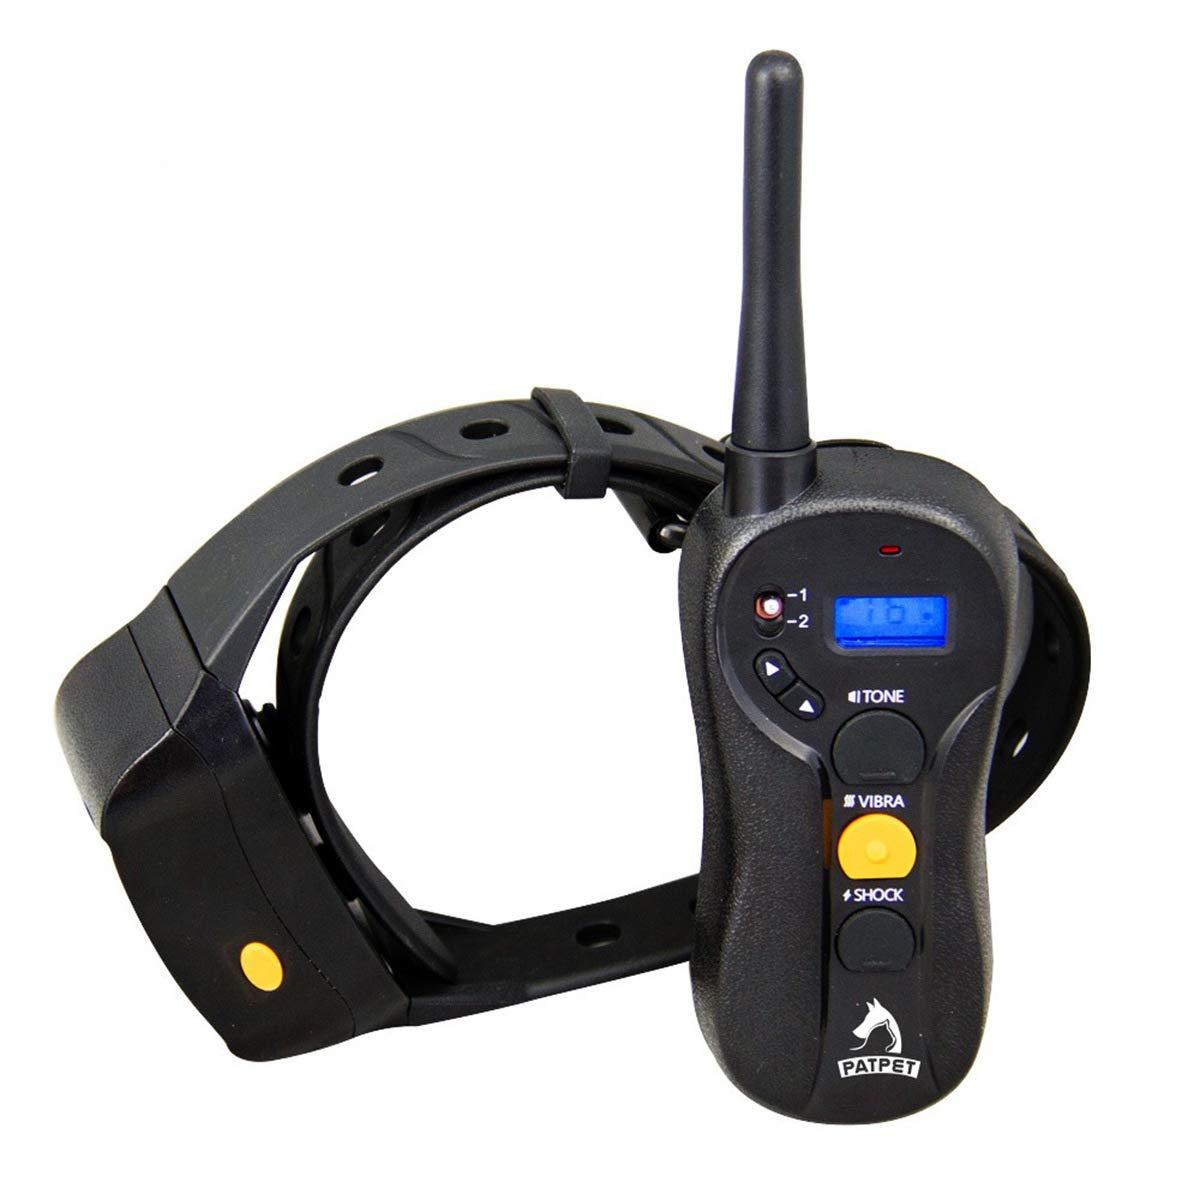 Addestramento Collar Cane ricaricabile e impermeabile Shock Collar con Tone, Vibration e Shock for Two Dogs (per uno)